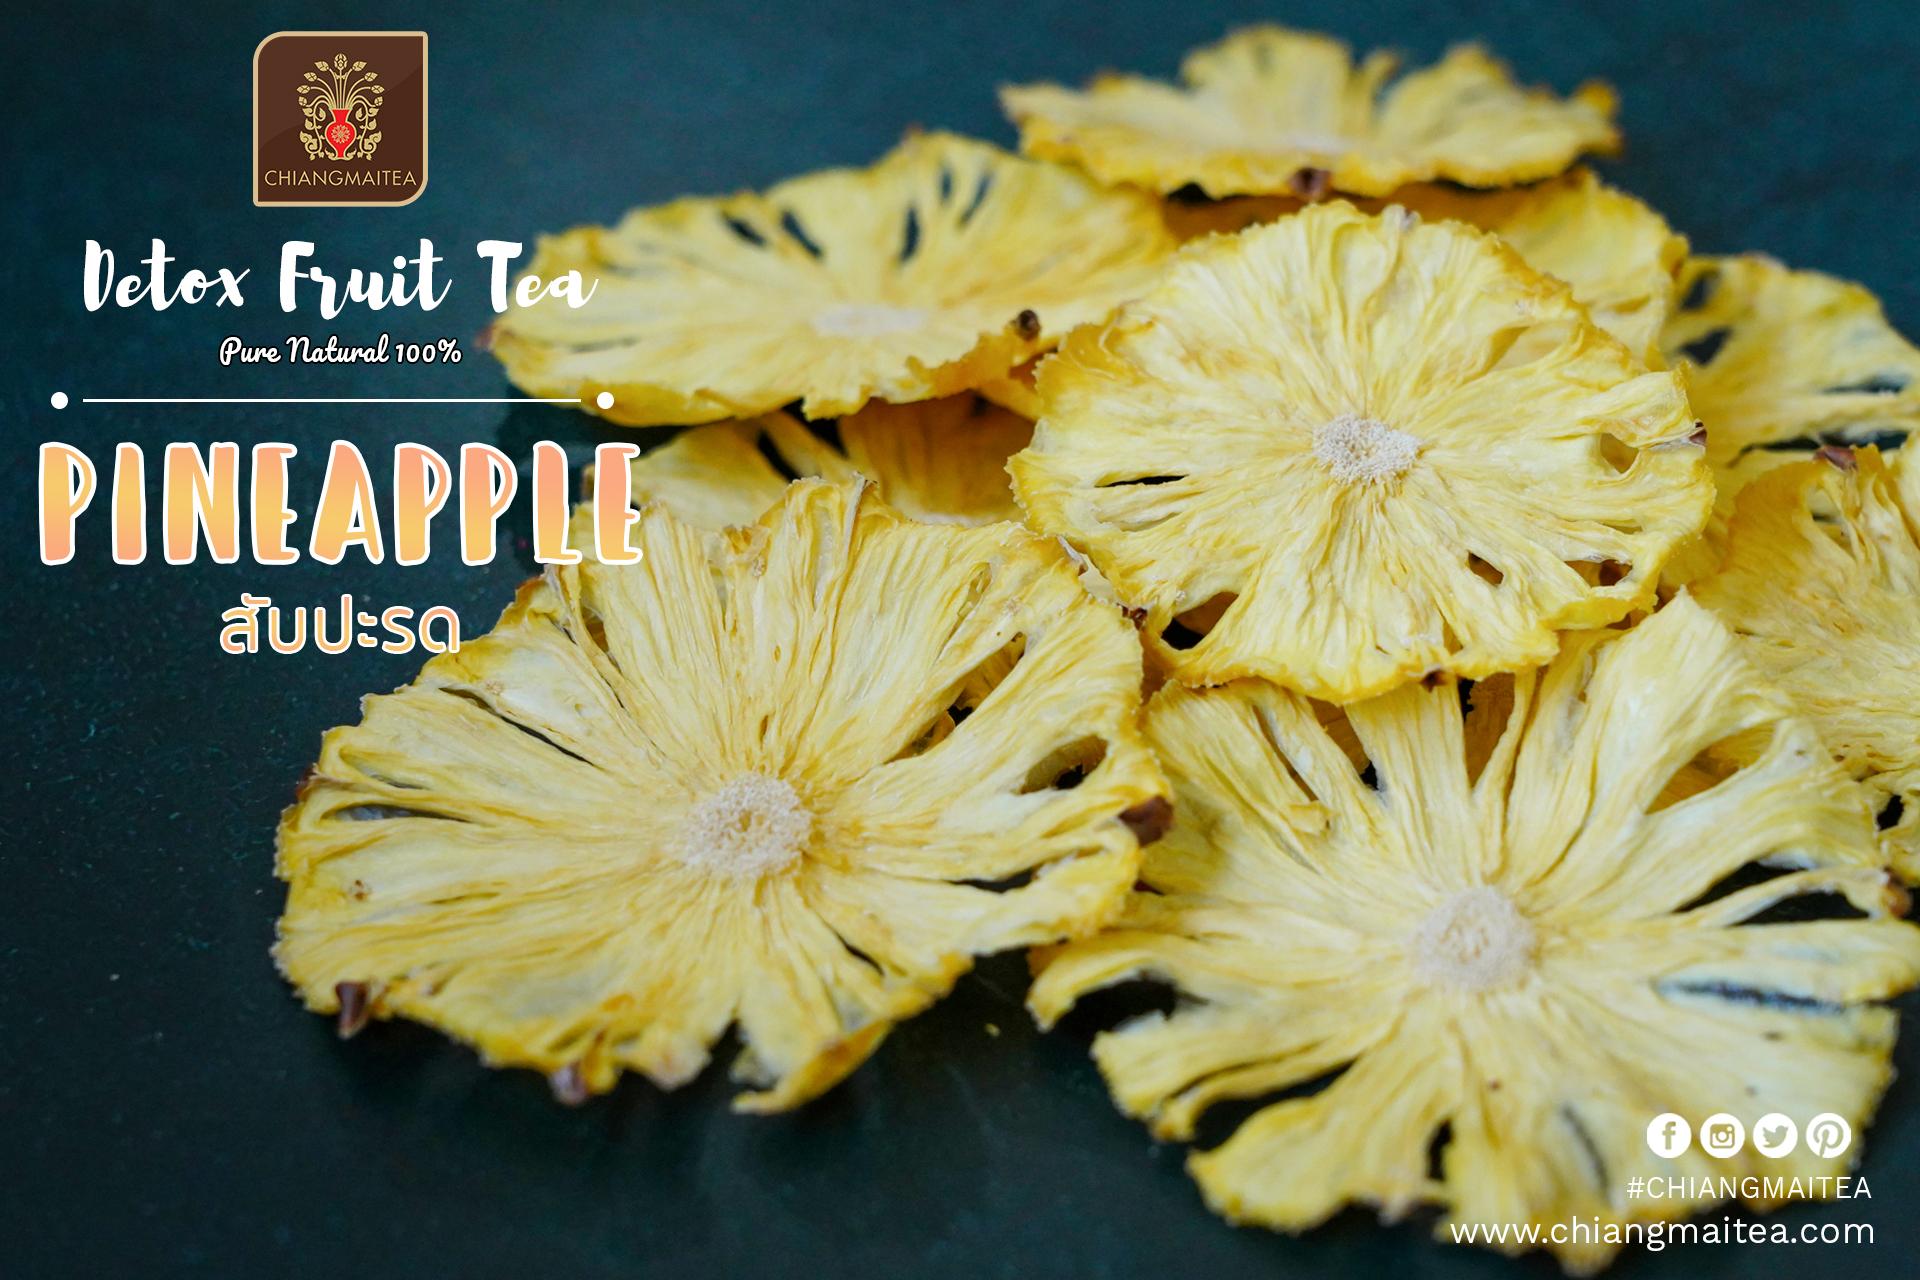 สับปะรด ชาผลไม้-ดีท็อกซ์ (FruitTea-Detox)